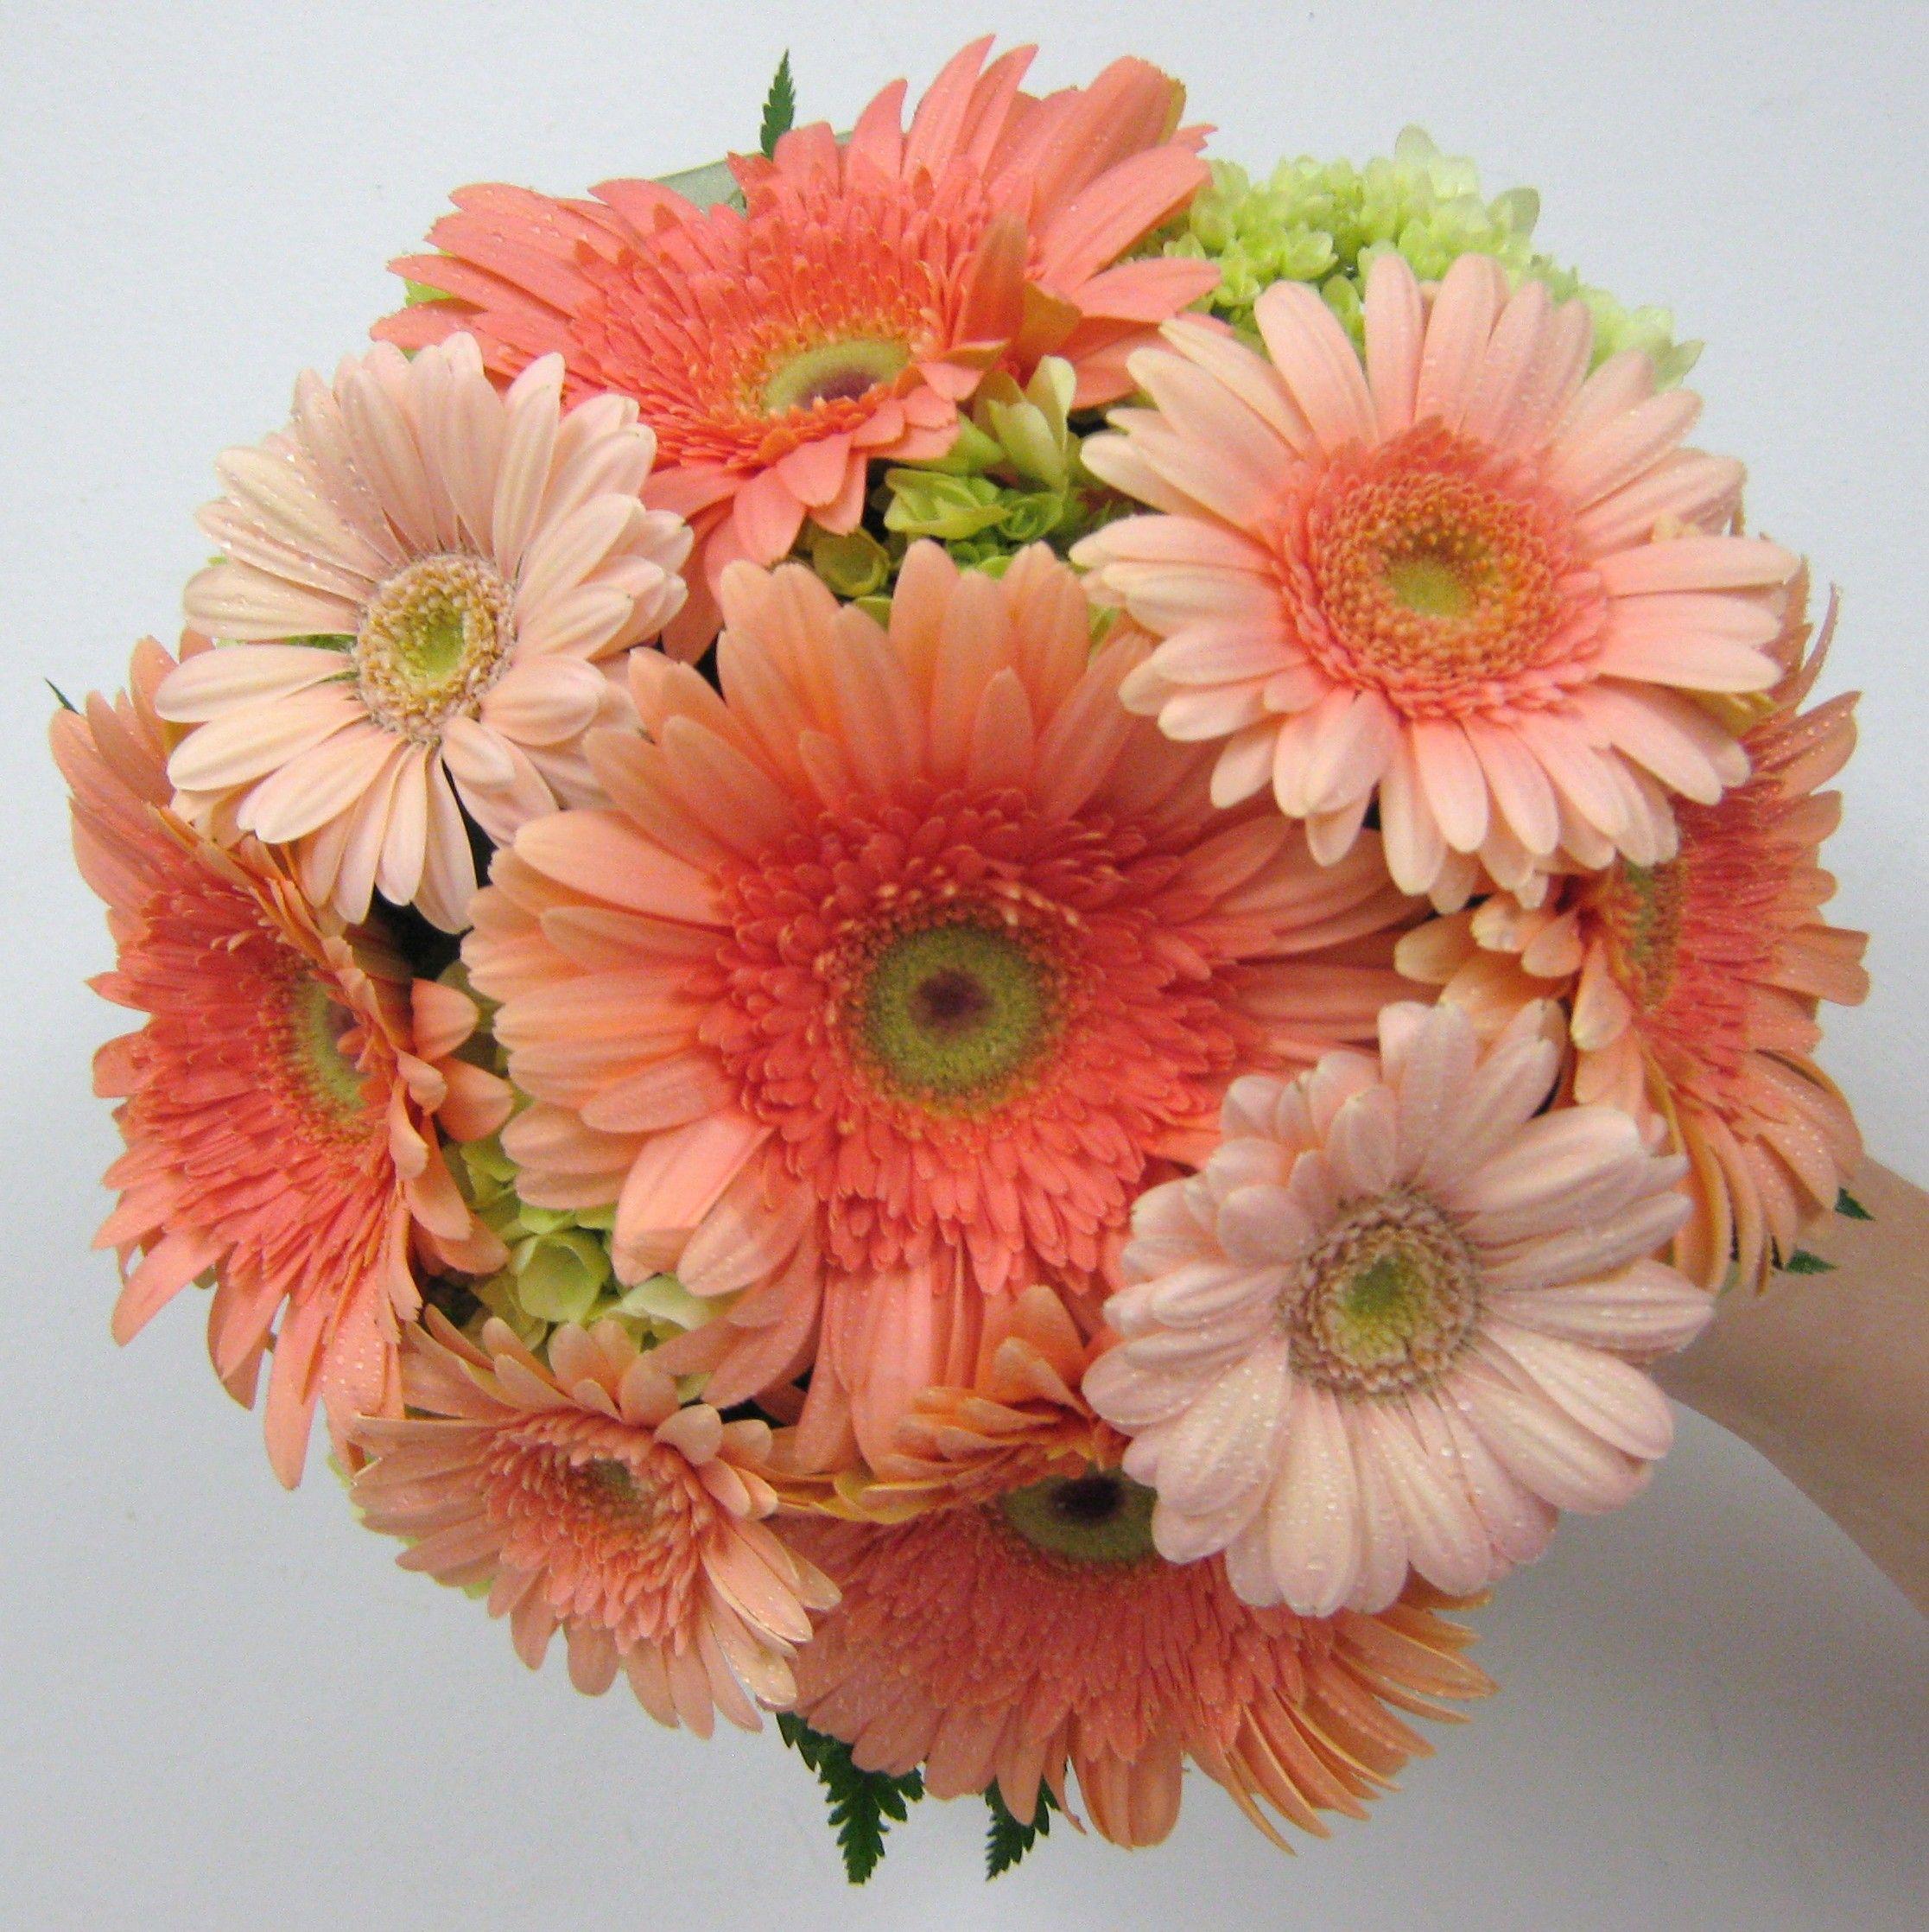 Peach Wedding Flowers Peach The Bridesmaids Carried A